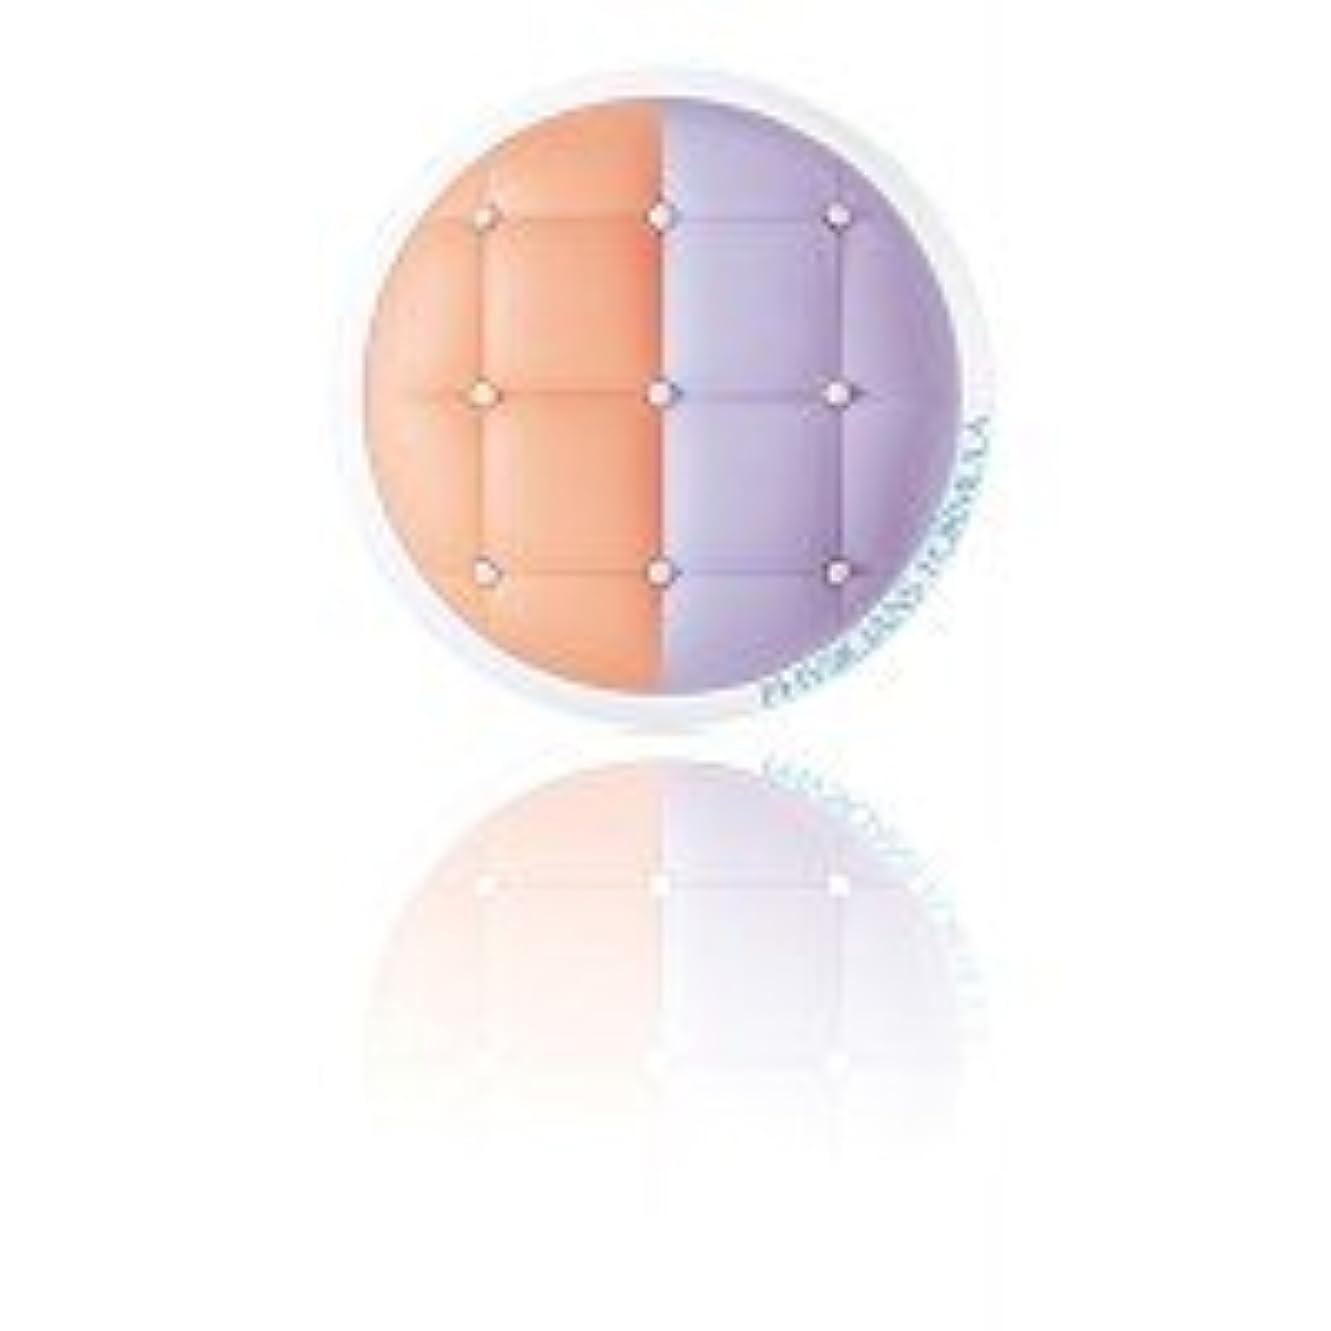 フローティングモーテルルネッサンスミネラルウェア クッションコレクター+プライマーデュオ Peach/Lavender MCC02